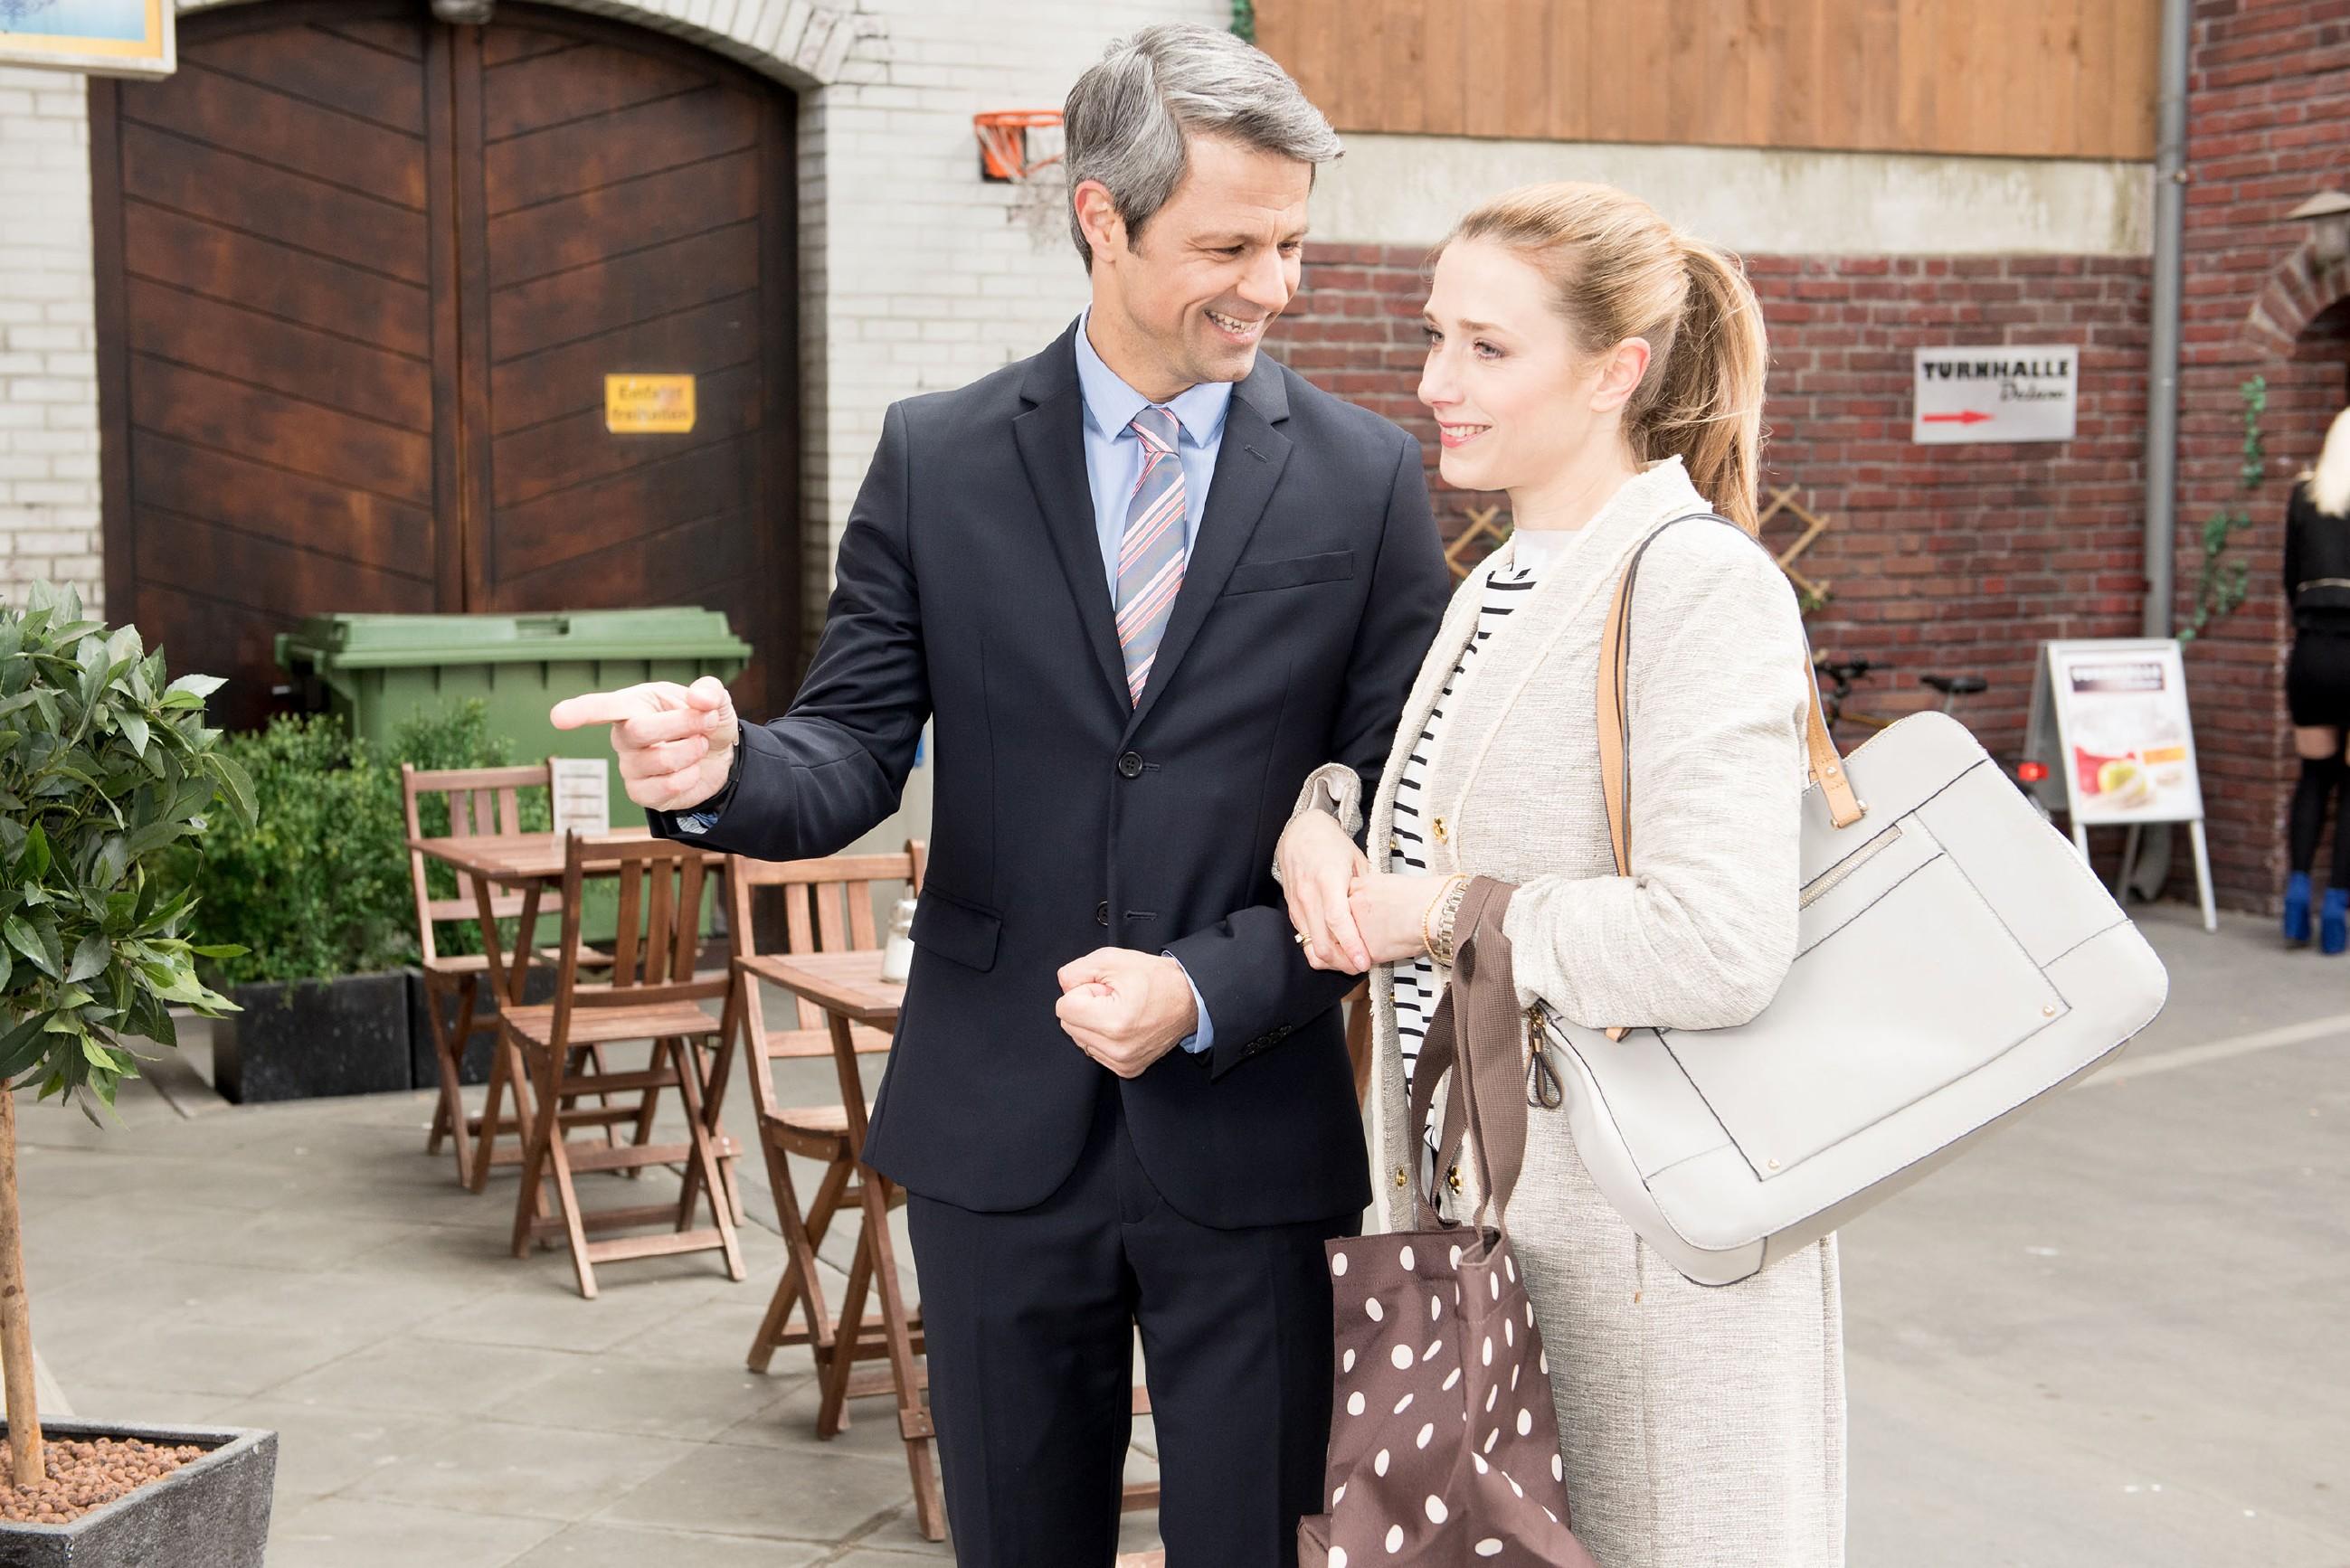 Als Benedikt (Jens Hajek) Andrea (Kristin Meyer) zum Familienessen ins Schiller einlädt, ist seine Frau wieder besänftigt. (Quelle: RTL / Stefan Behrens)